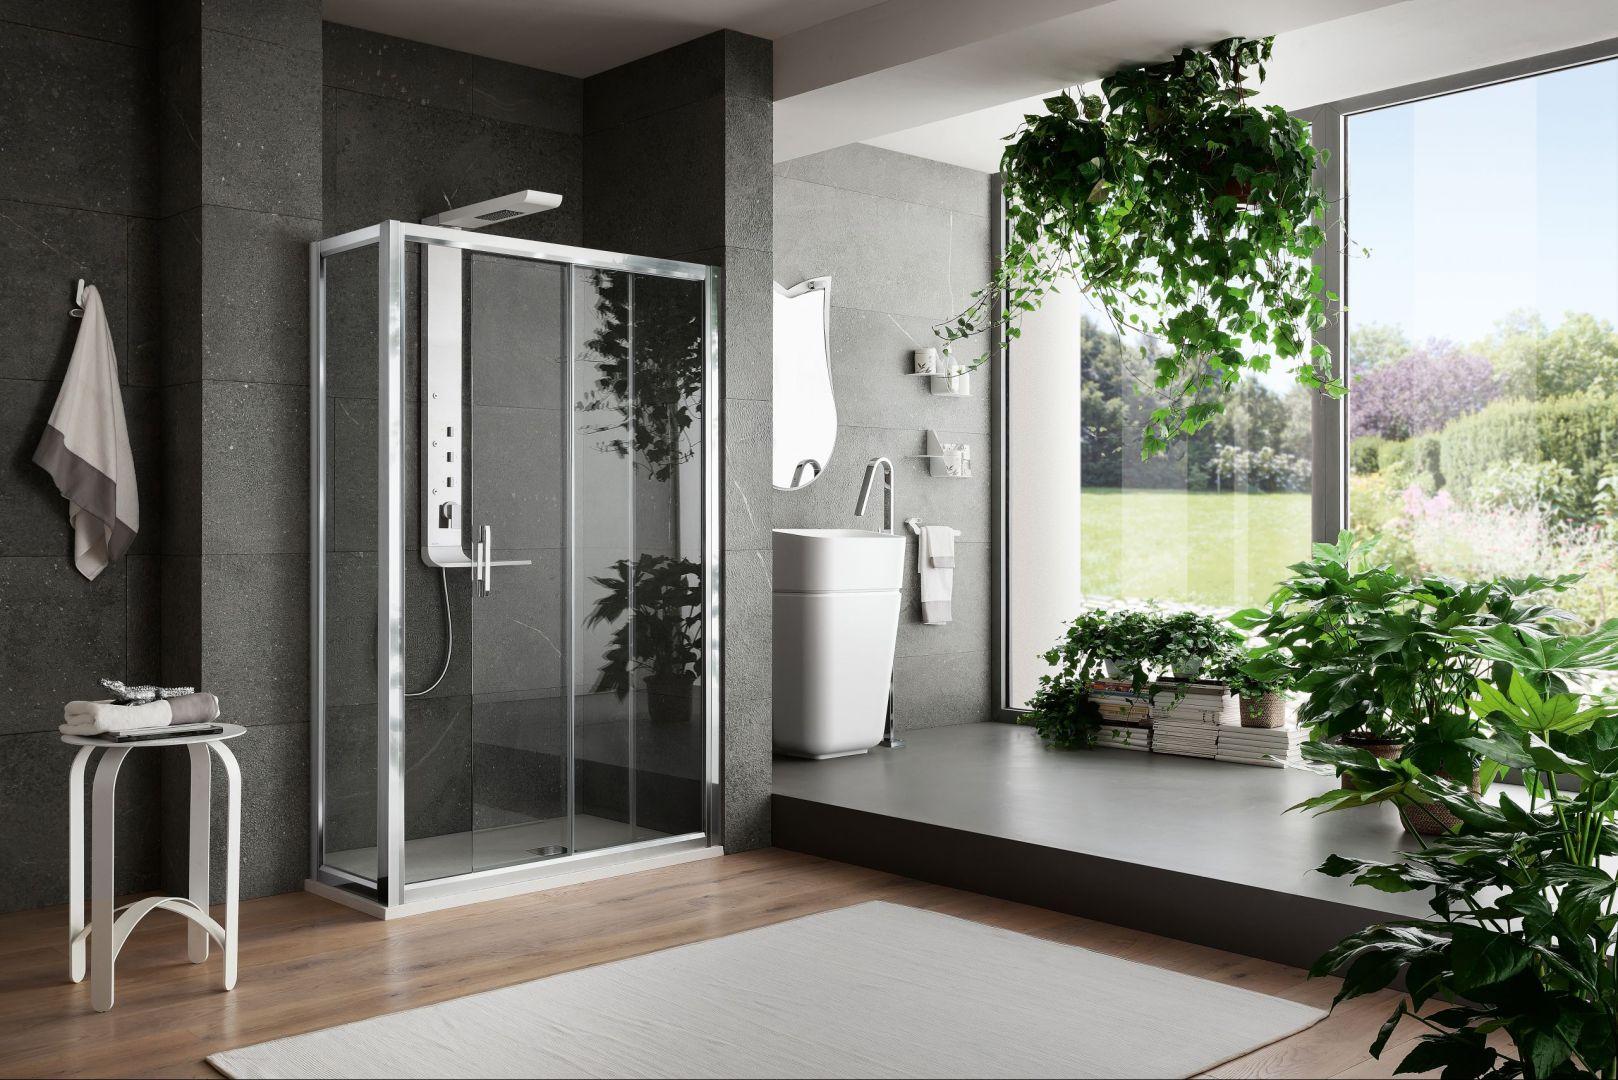 Kolekcja łazienkowa Arblu Virgo doskonale prezentuje się na tle obfitej, naturalnej roślinności. Fot. Arblu